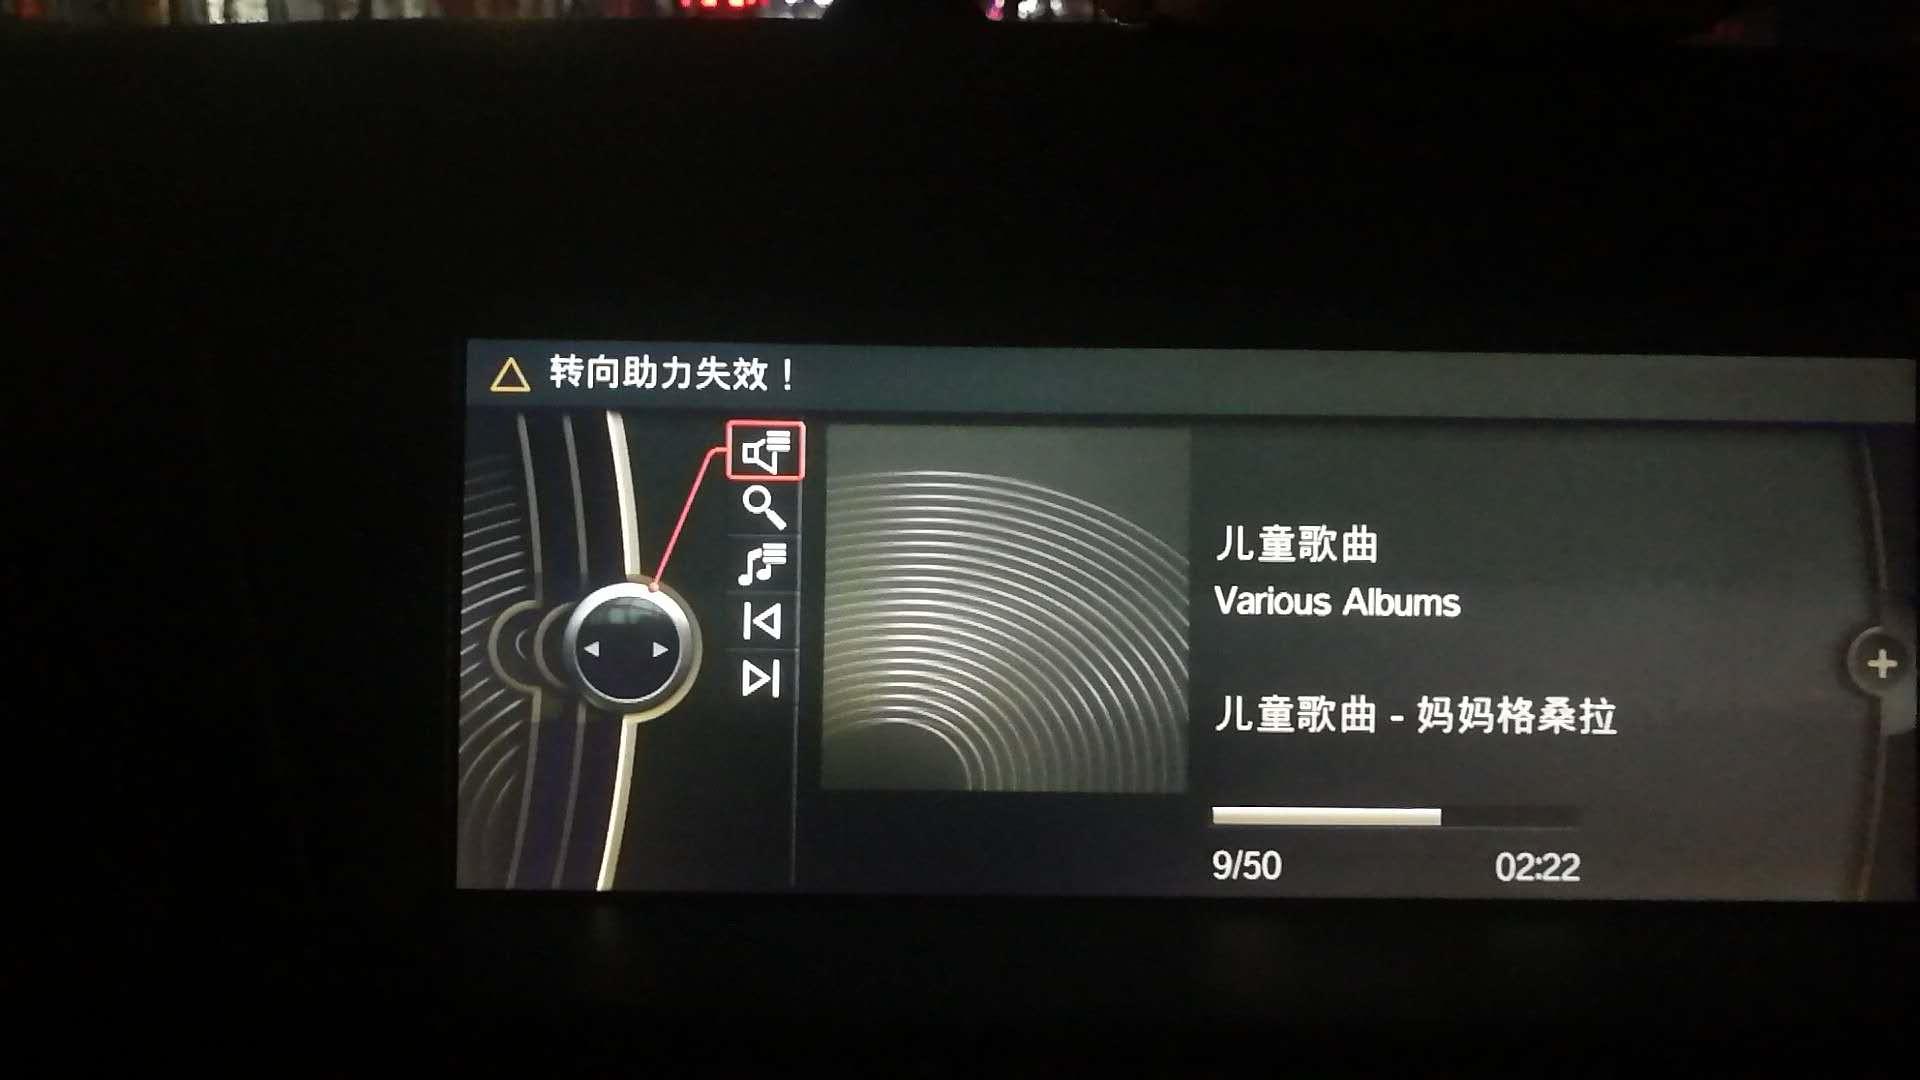 华晨宝马-宝马X1 车辆行驶中方向助力失效,4S店售后维修不专业,视客户生命如儿戏